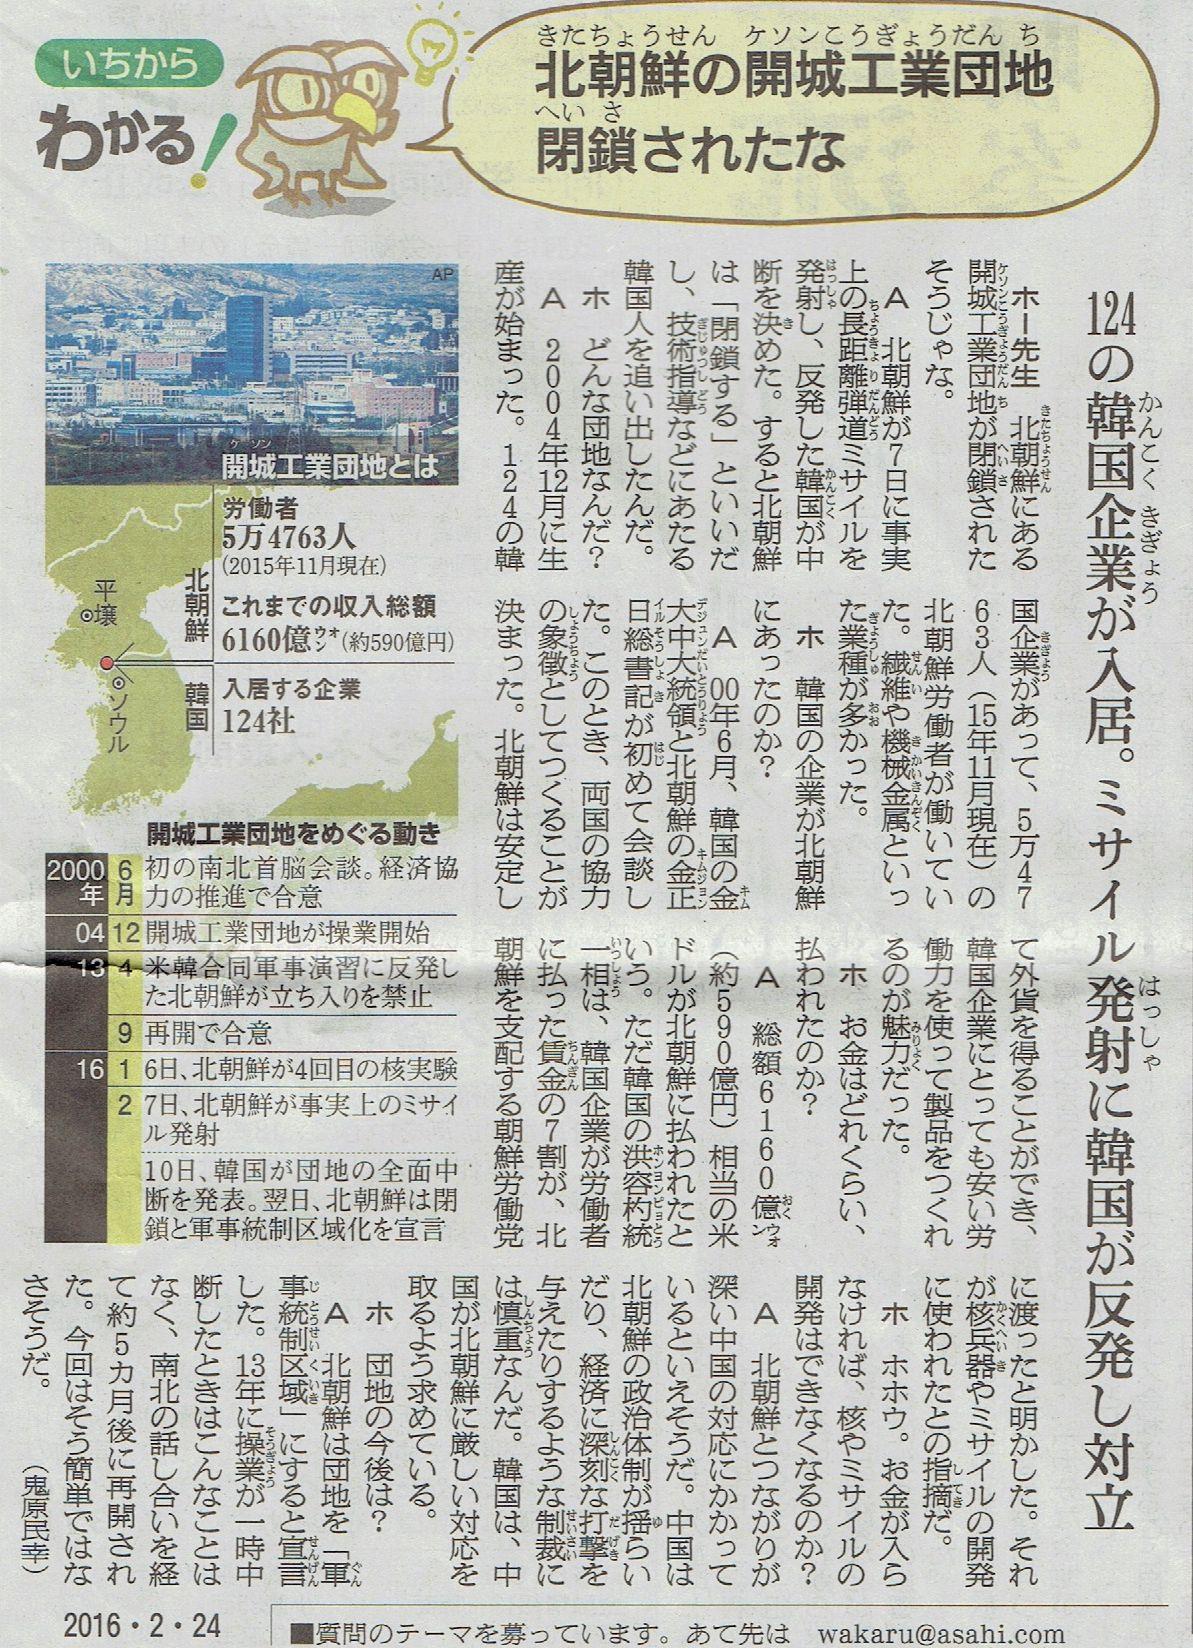 2016年2月24日 2016年茨城沖縄県人会第20回定期総会・新年会 その13_d0249595_7313114.jpg